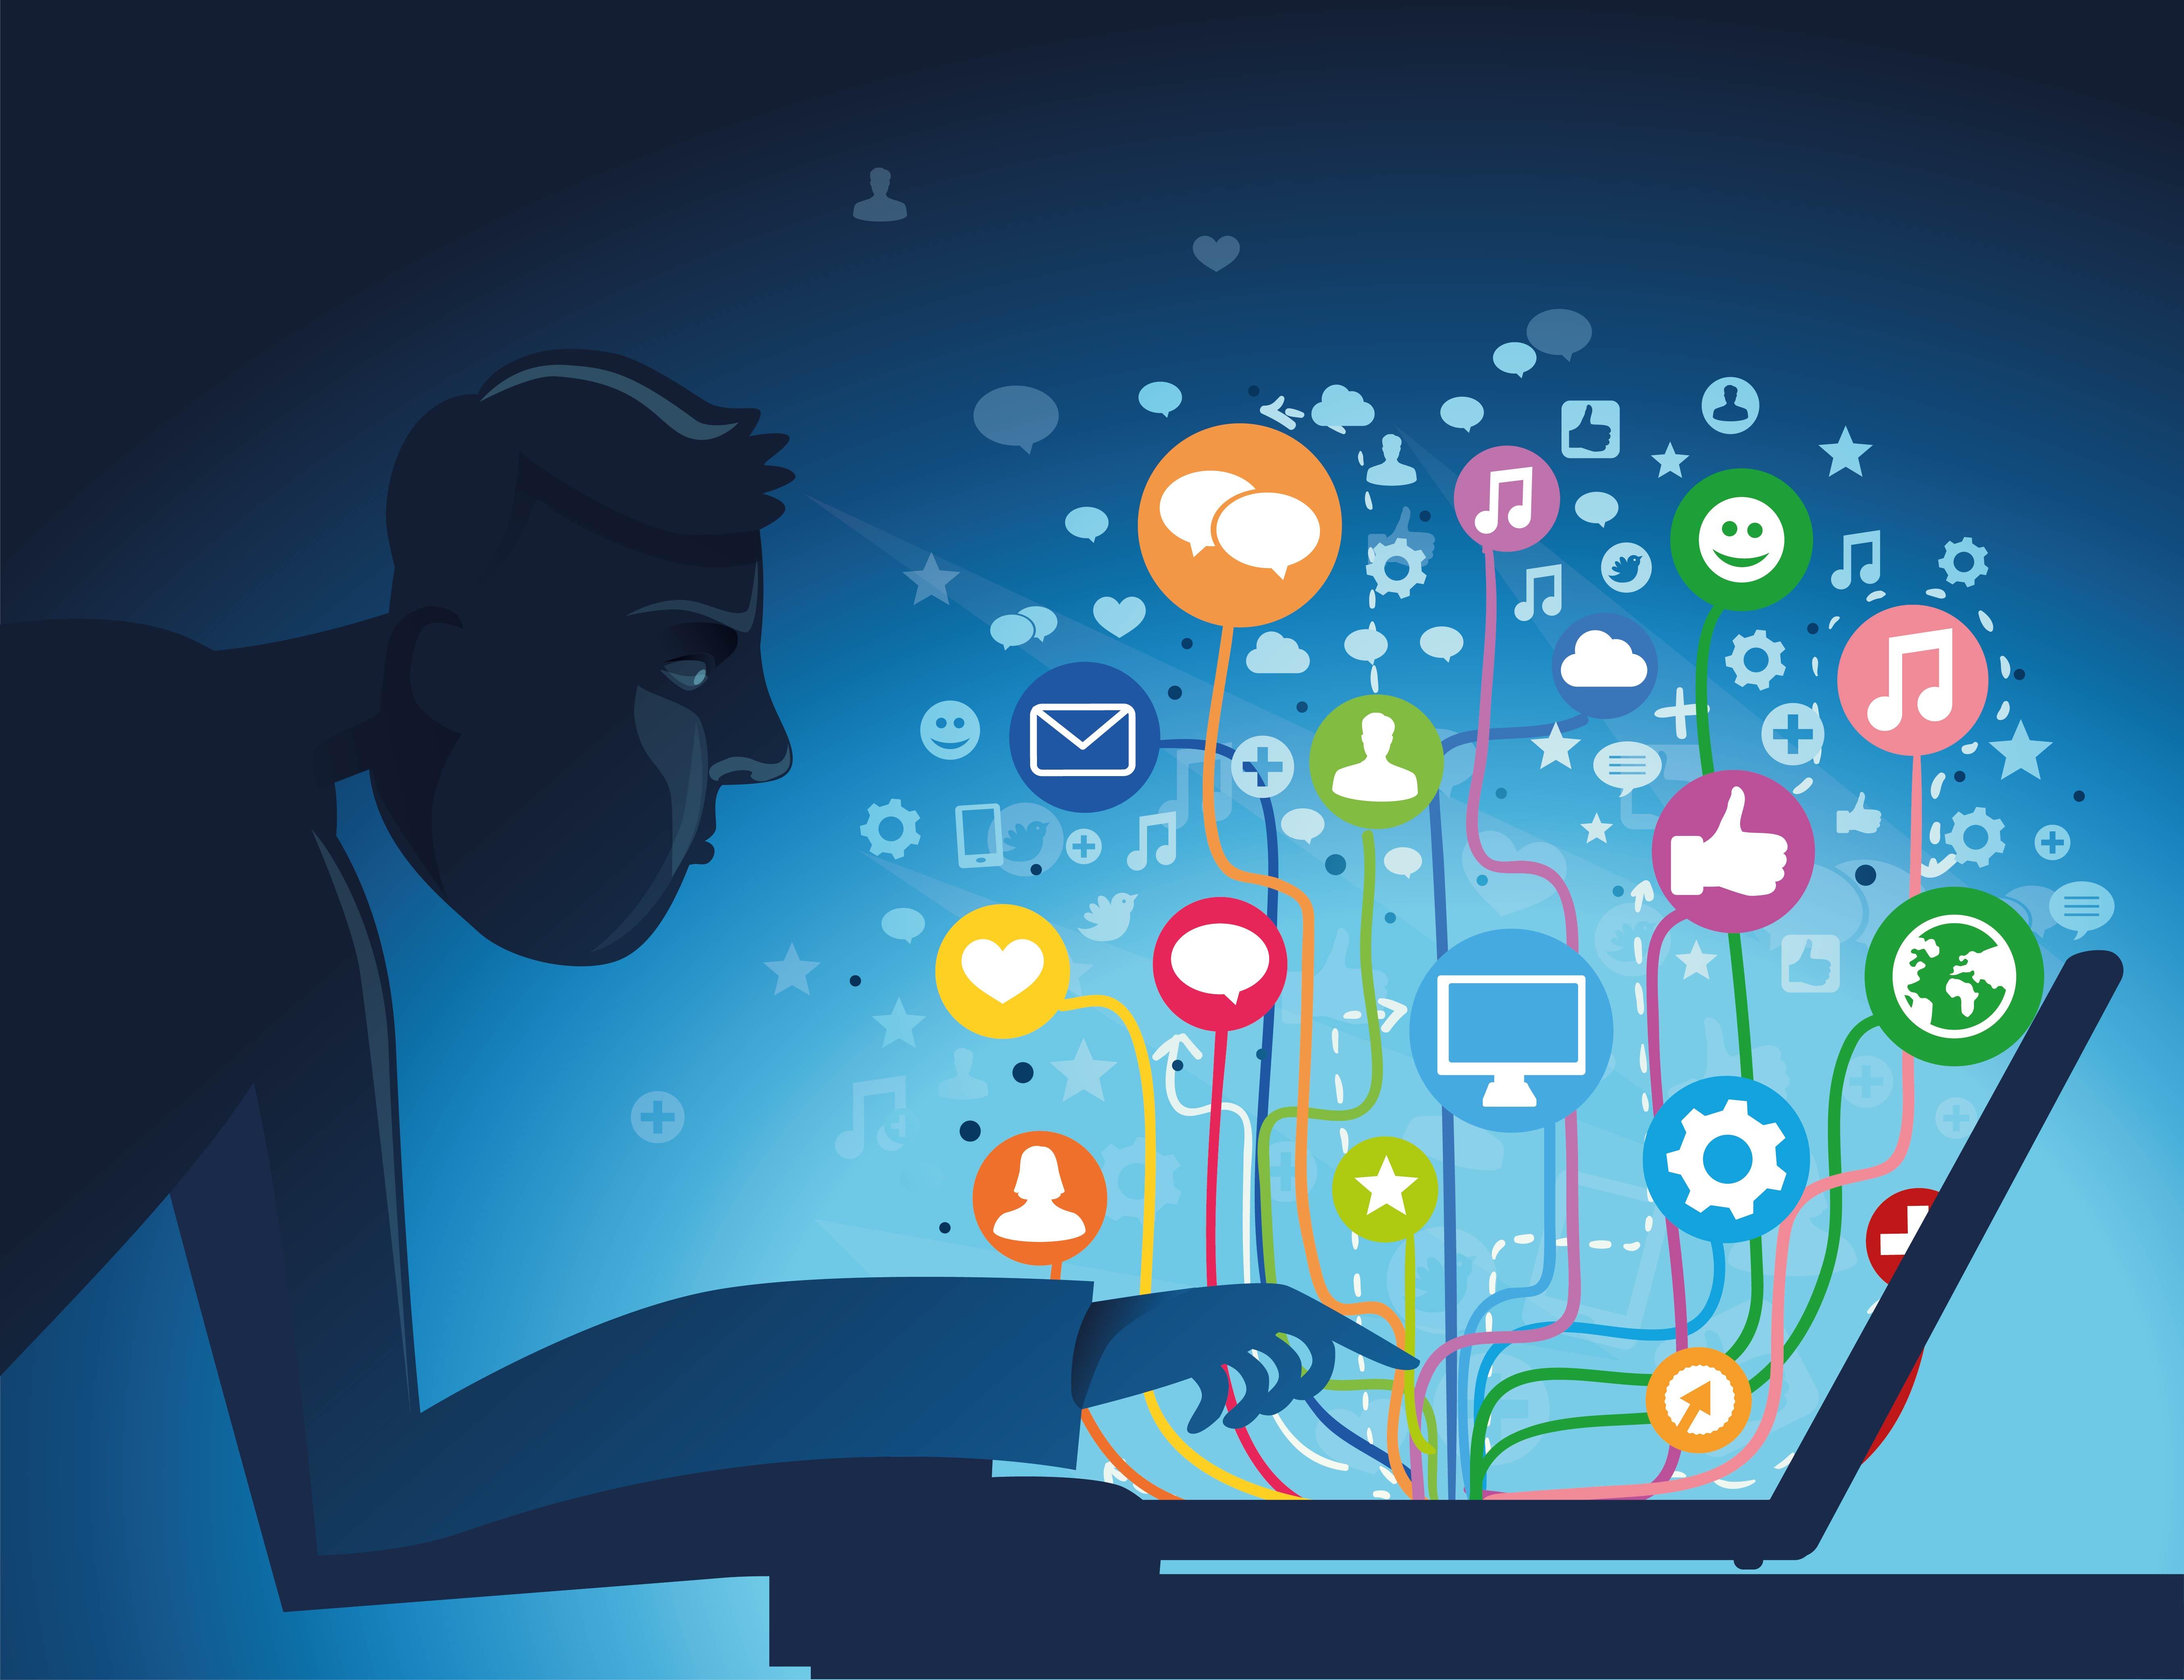 9 dicas para arquitetos entrarem na redes sociais